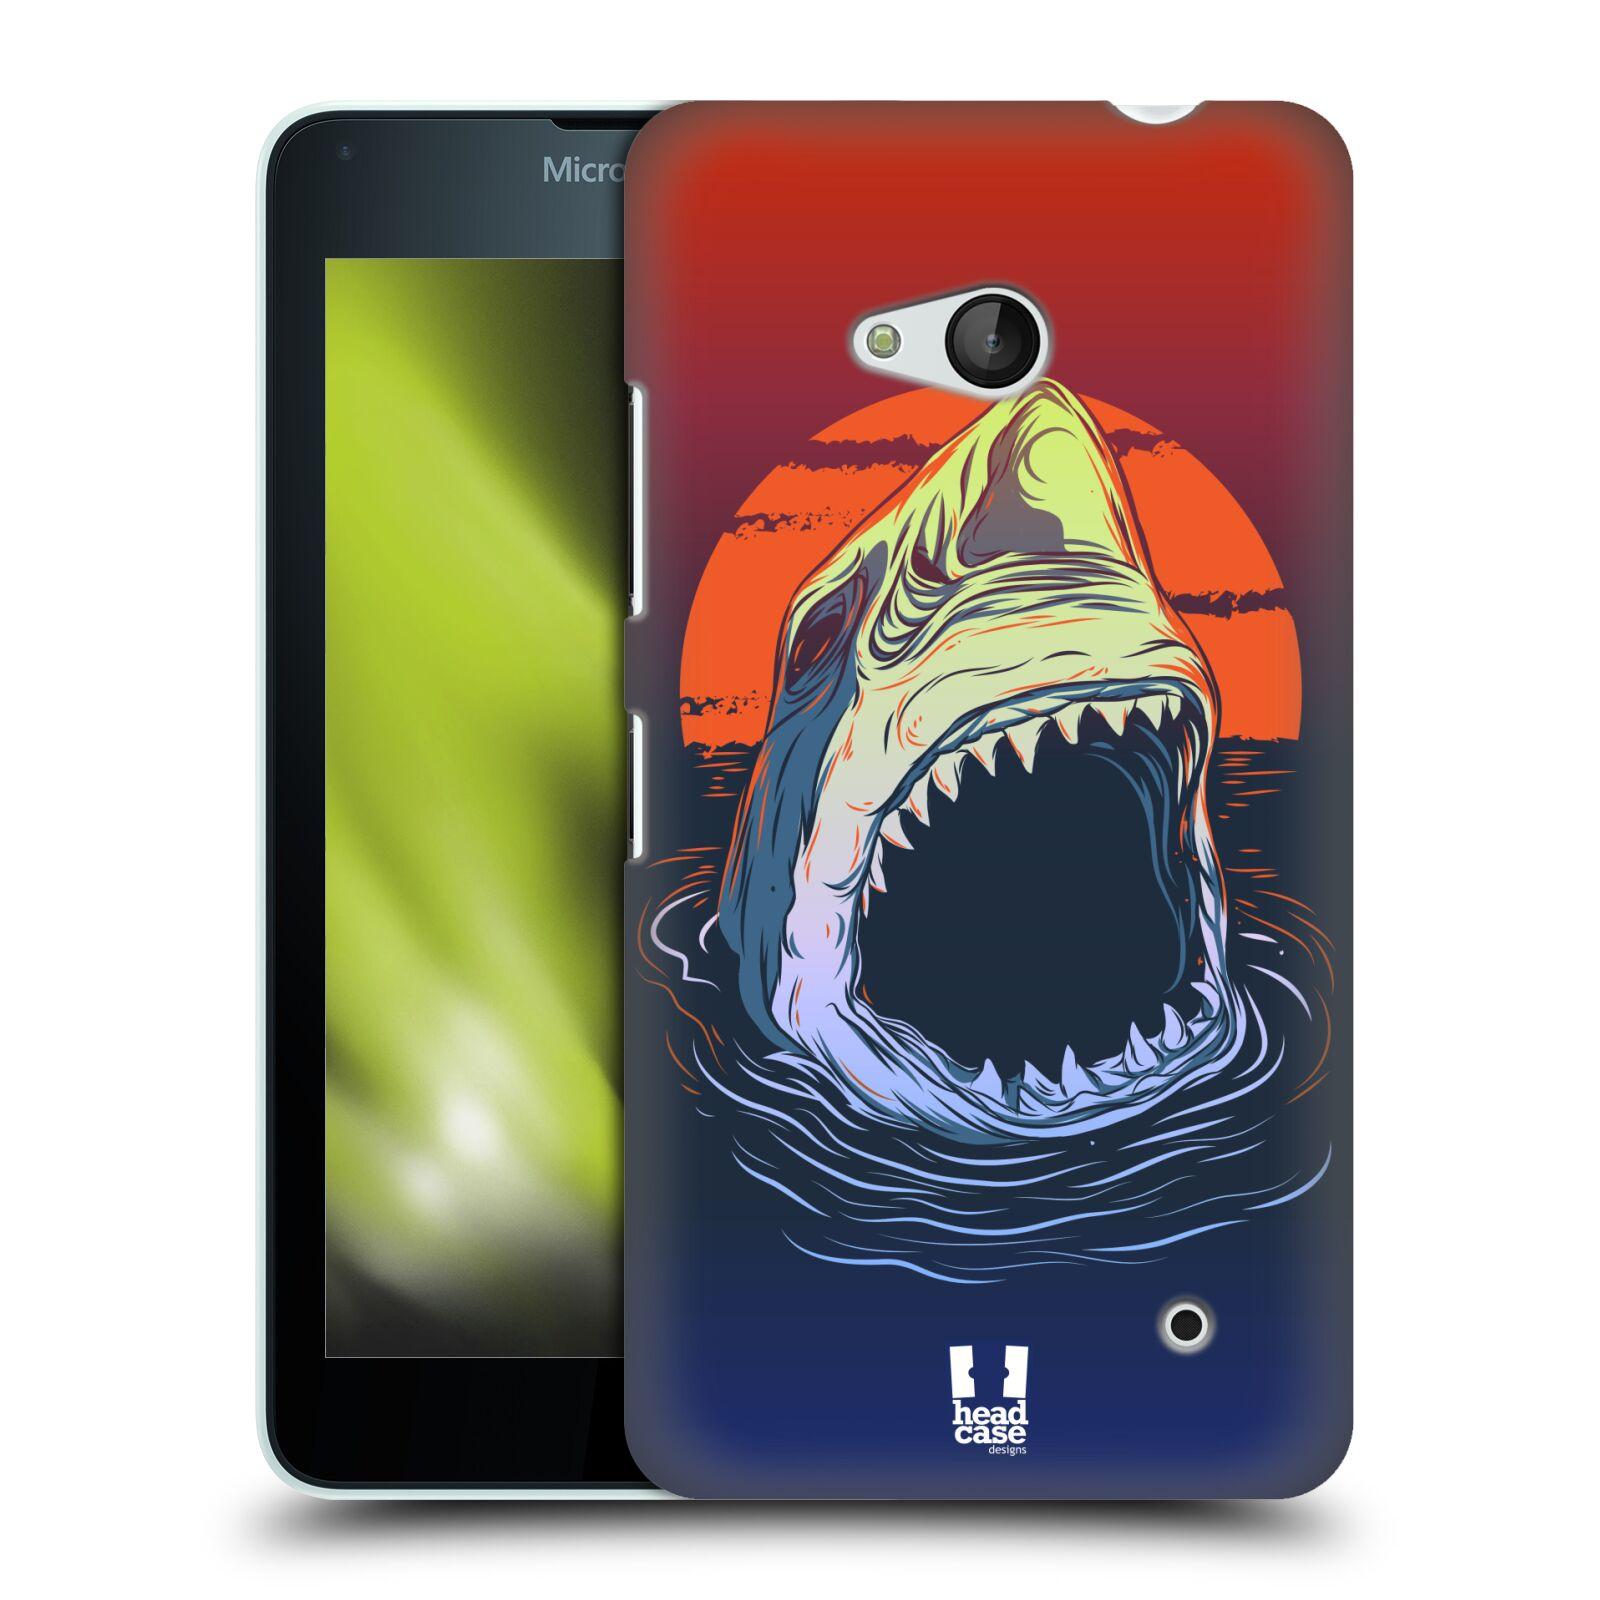 HEAD CASE plastový obal na mobil Nokia Lumia 640 vzor mořská monstra žralok